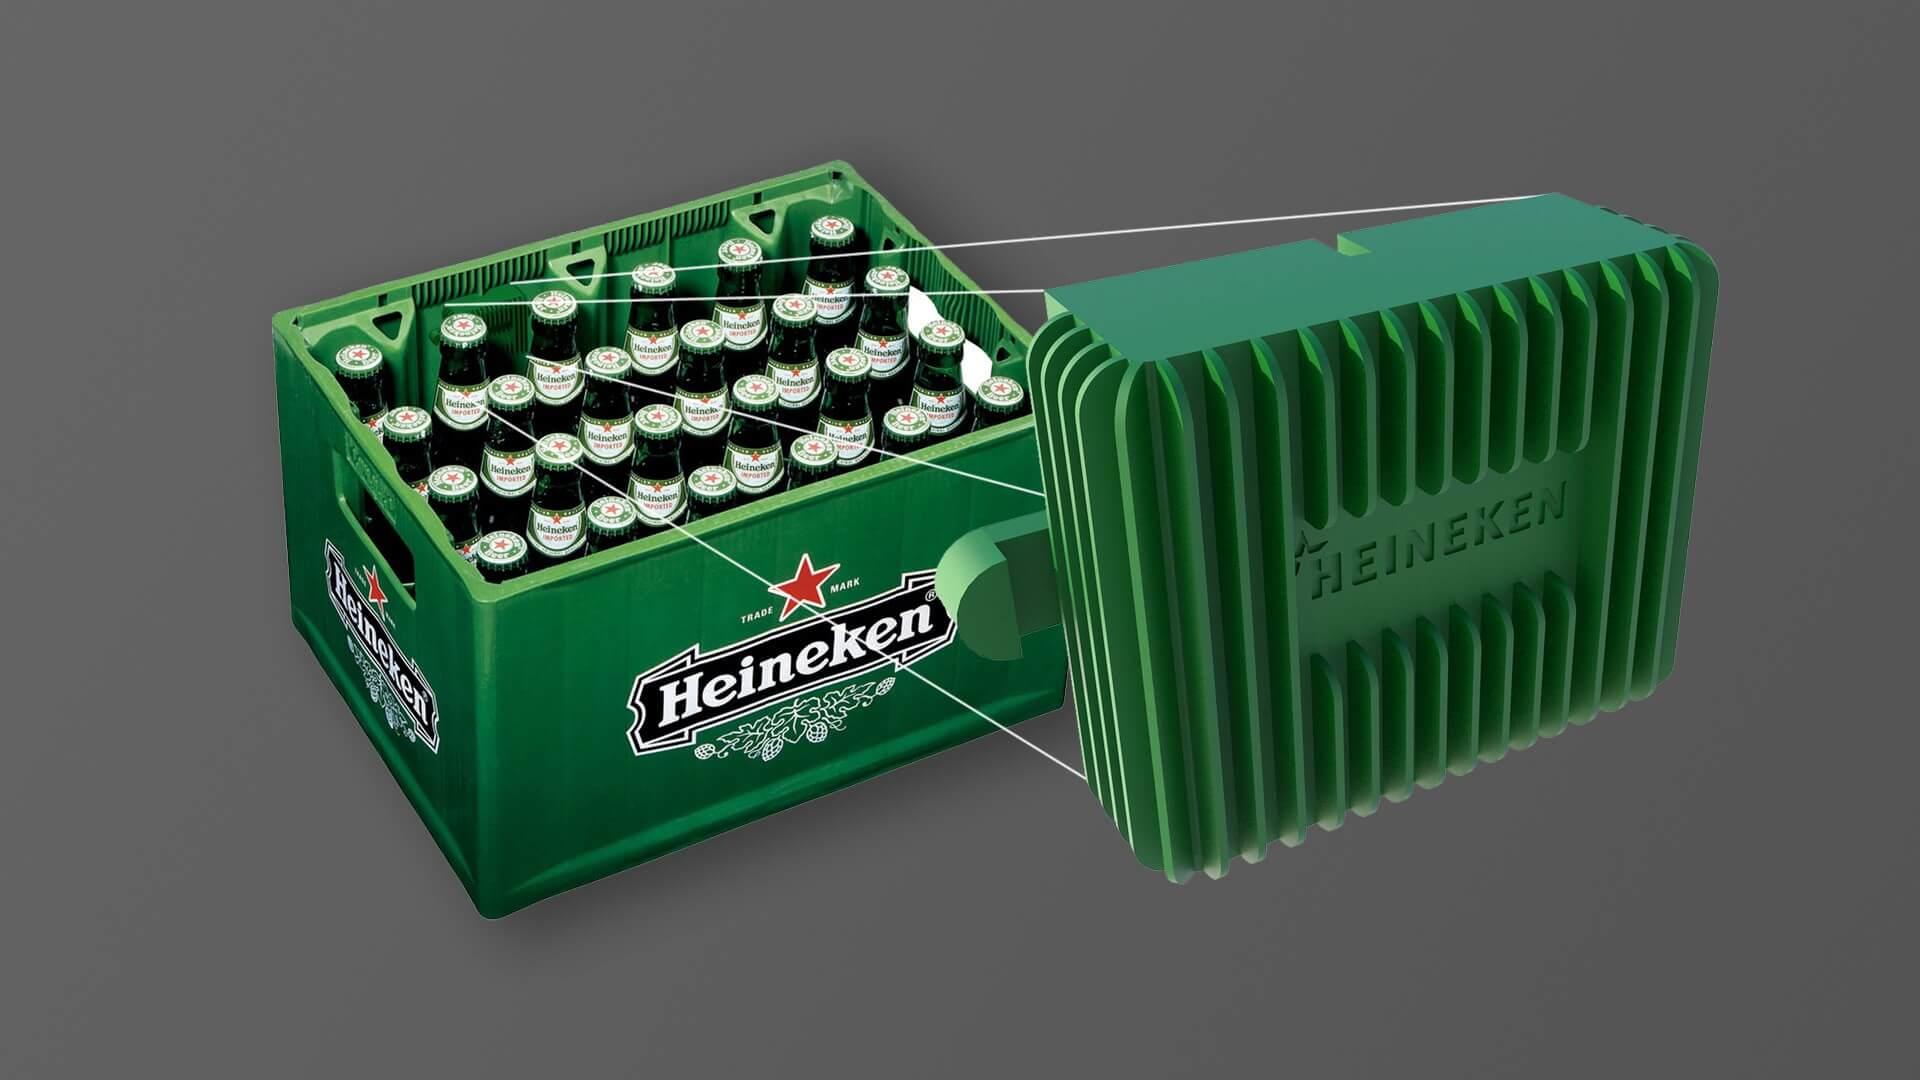 heineken-tracker-in-crate